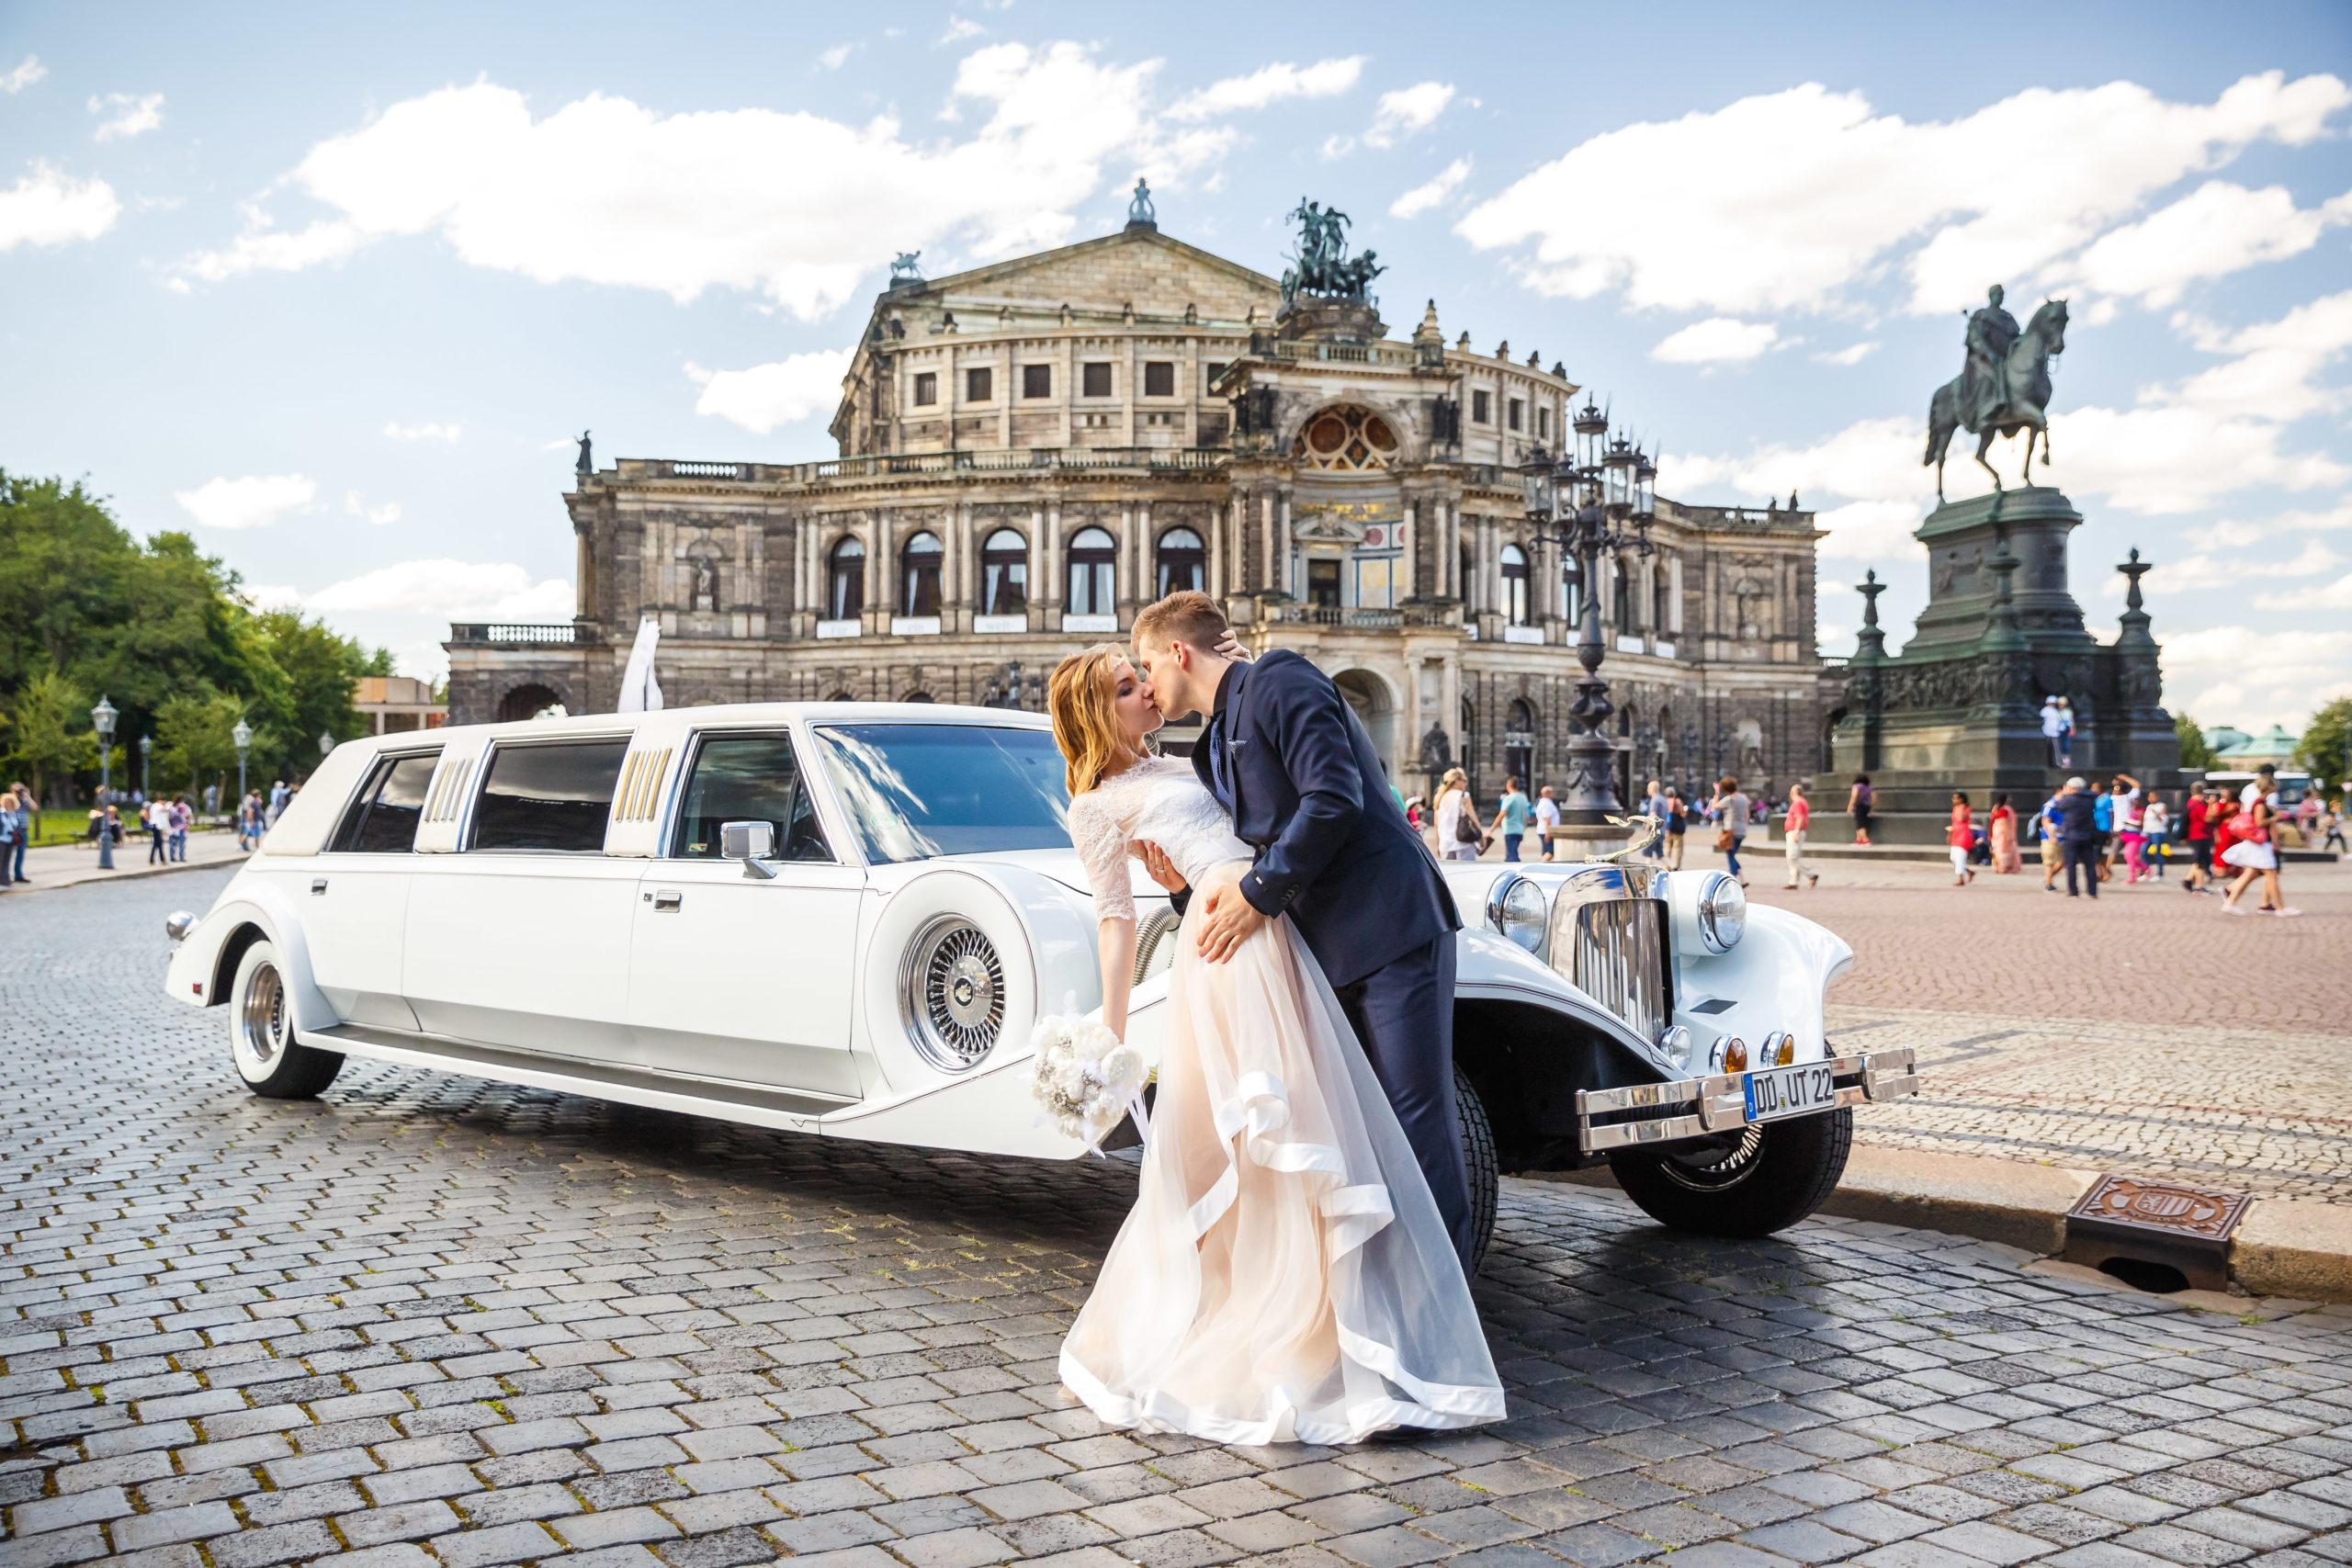 Hochzeitsfotograf Dresden Altstadt Semperoper - newpic.eu by Toni Kretschmer